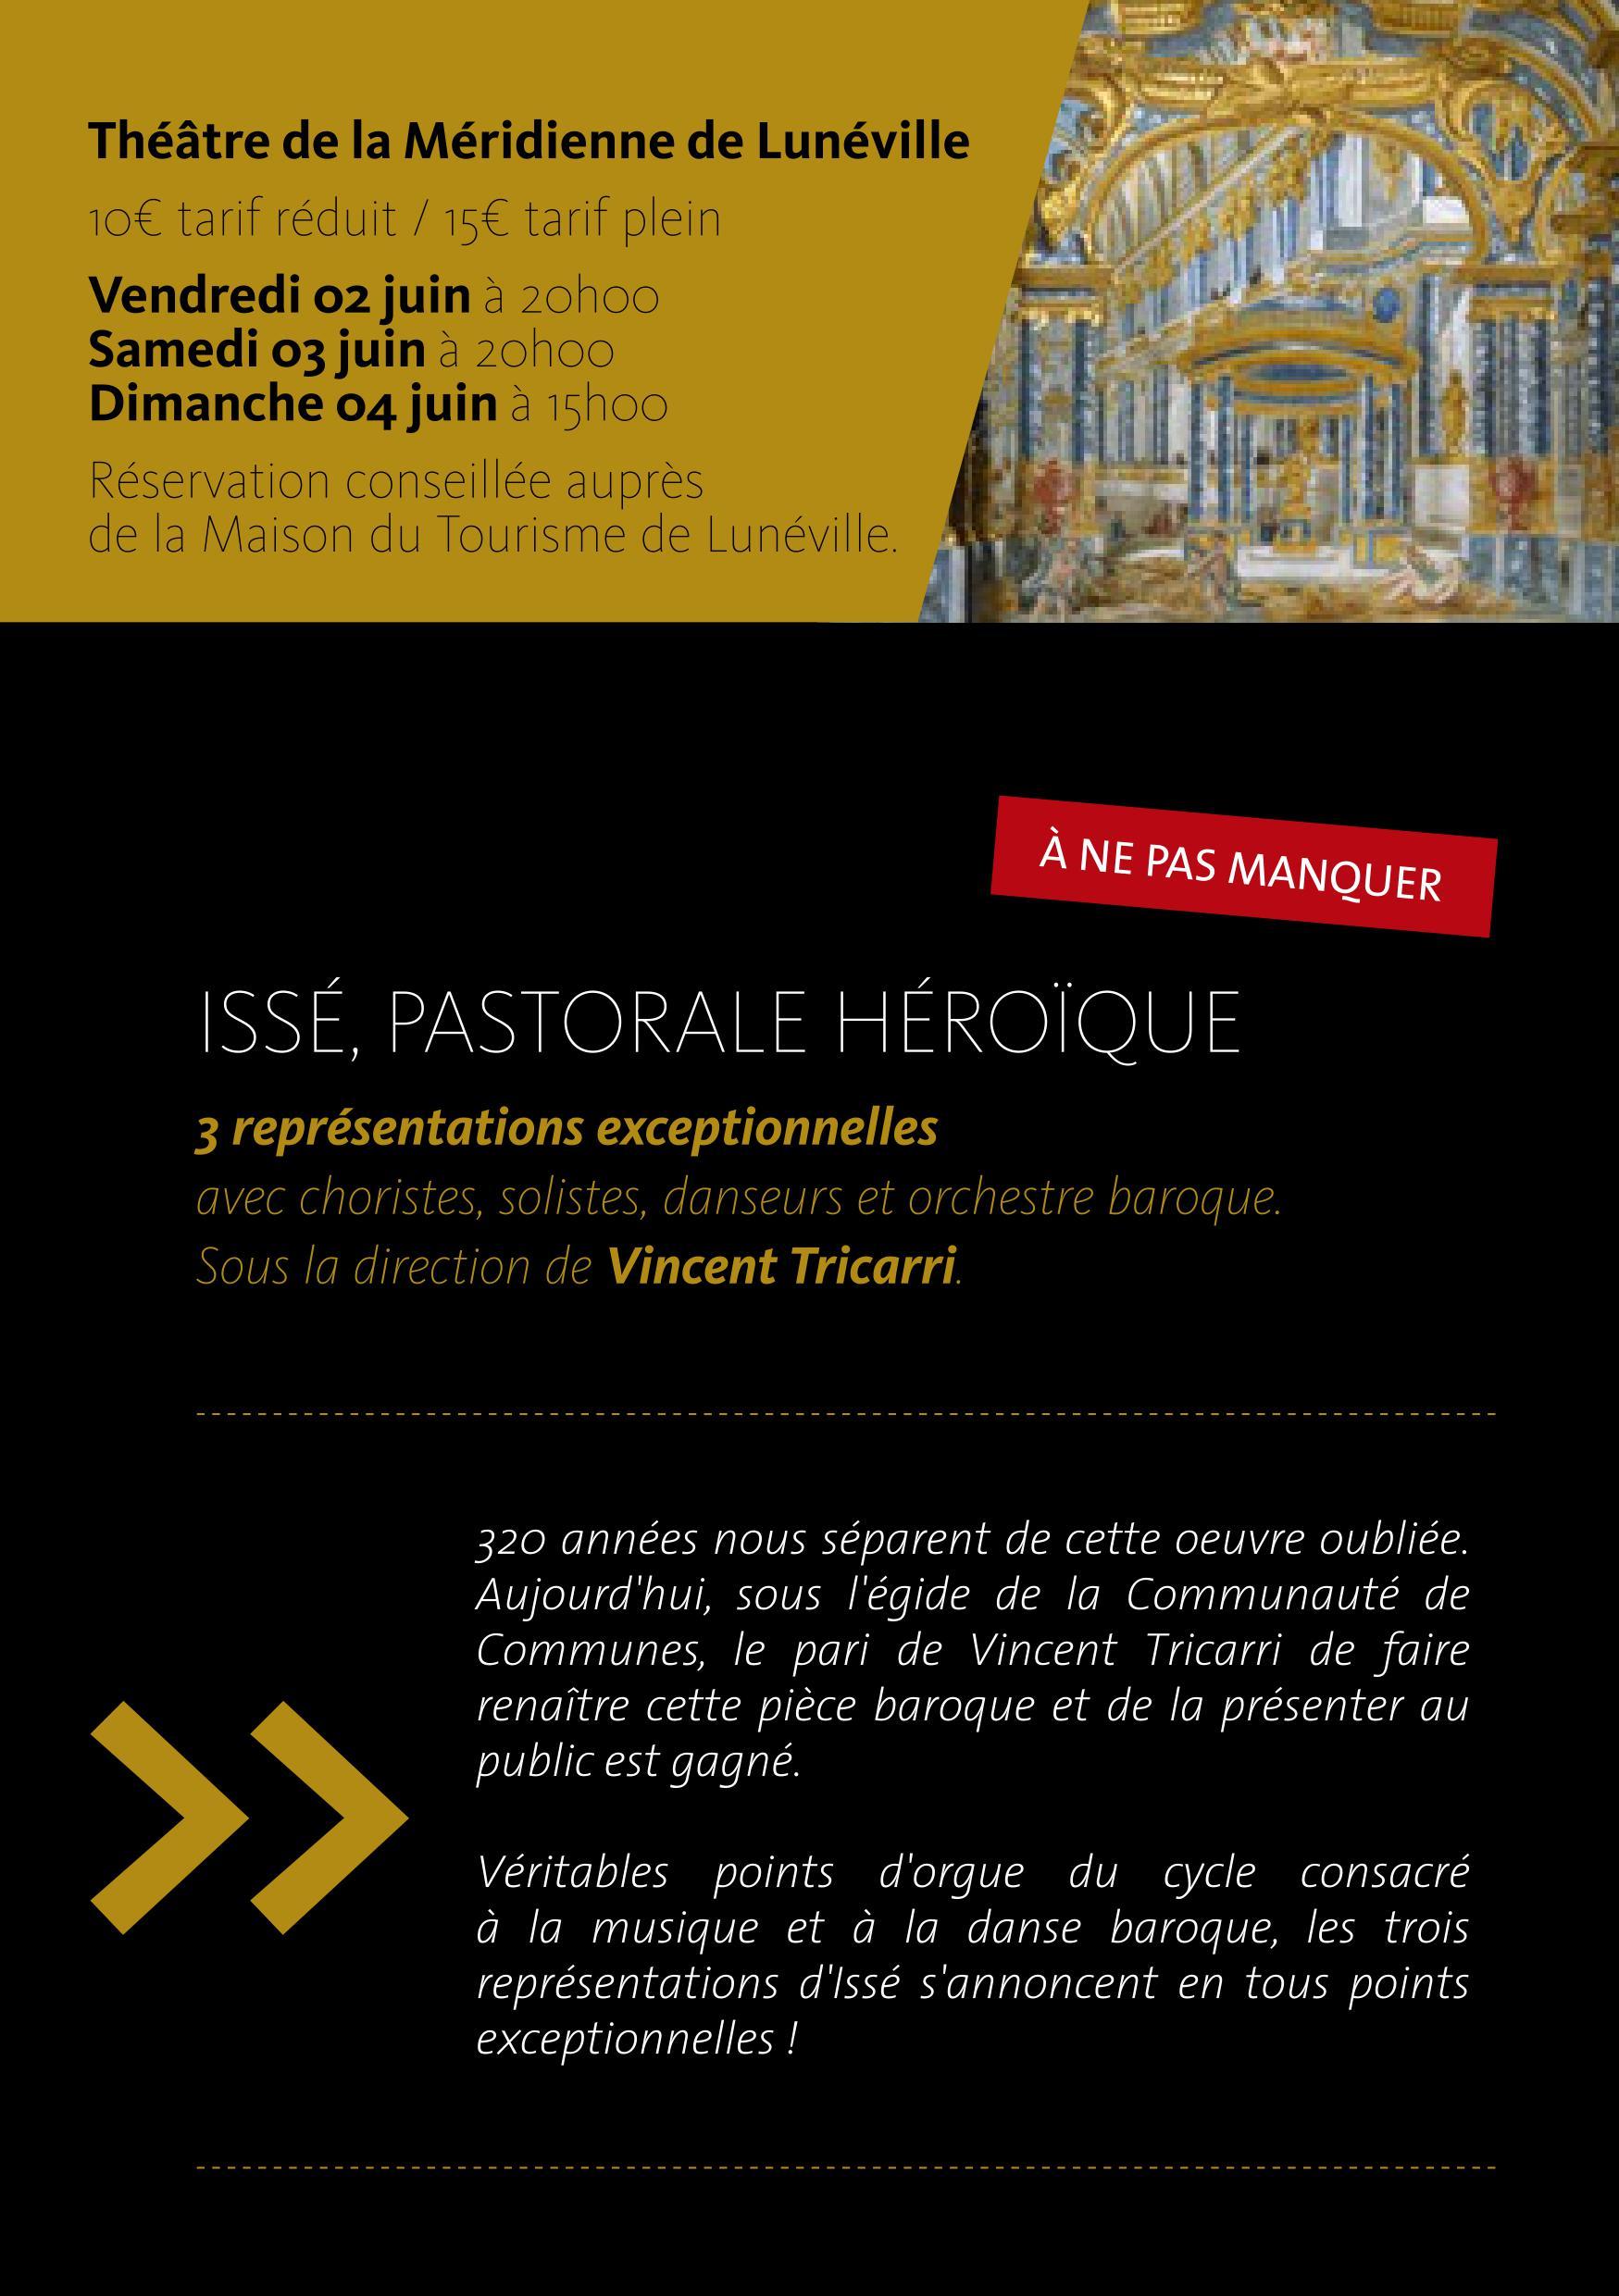 Brochure ÉMILIE(S) p.15, Communauté de Communes du Territoire de Lunéville à Baccarat.